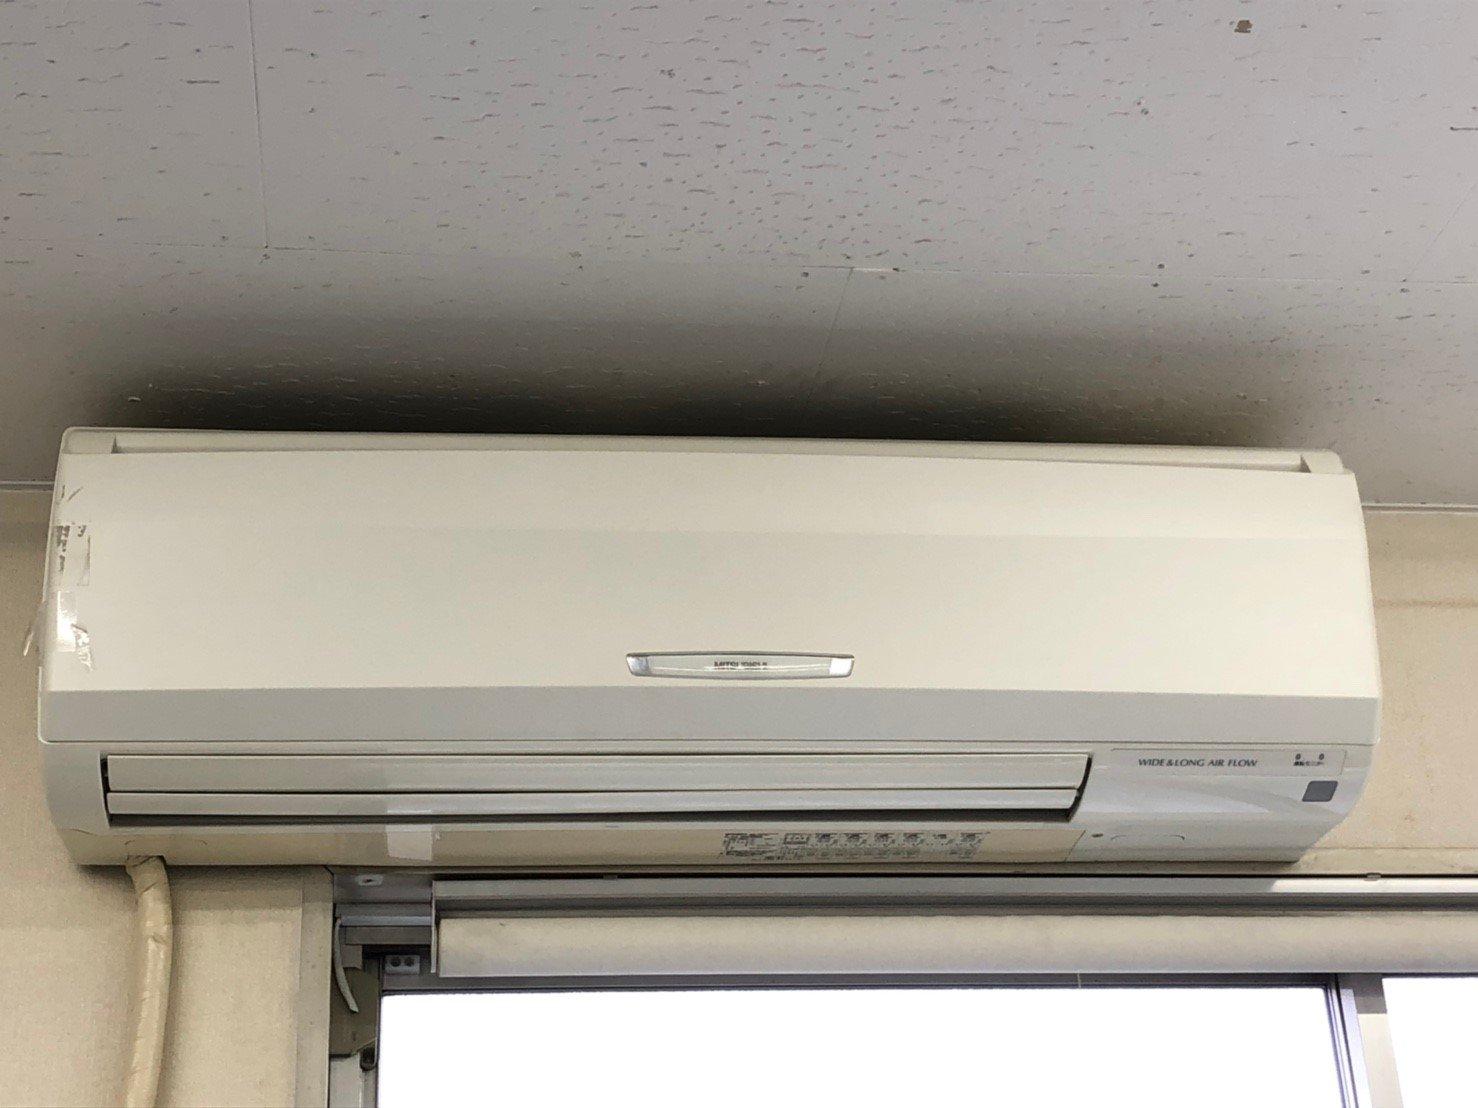 業務用エアコンクリーニング現場写真:業務用大型壁掛エアコン写真外観三菱電機